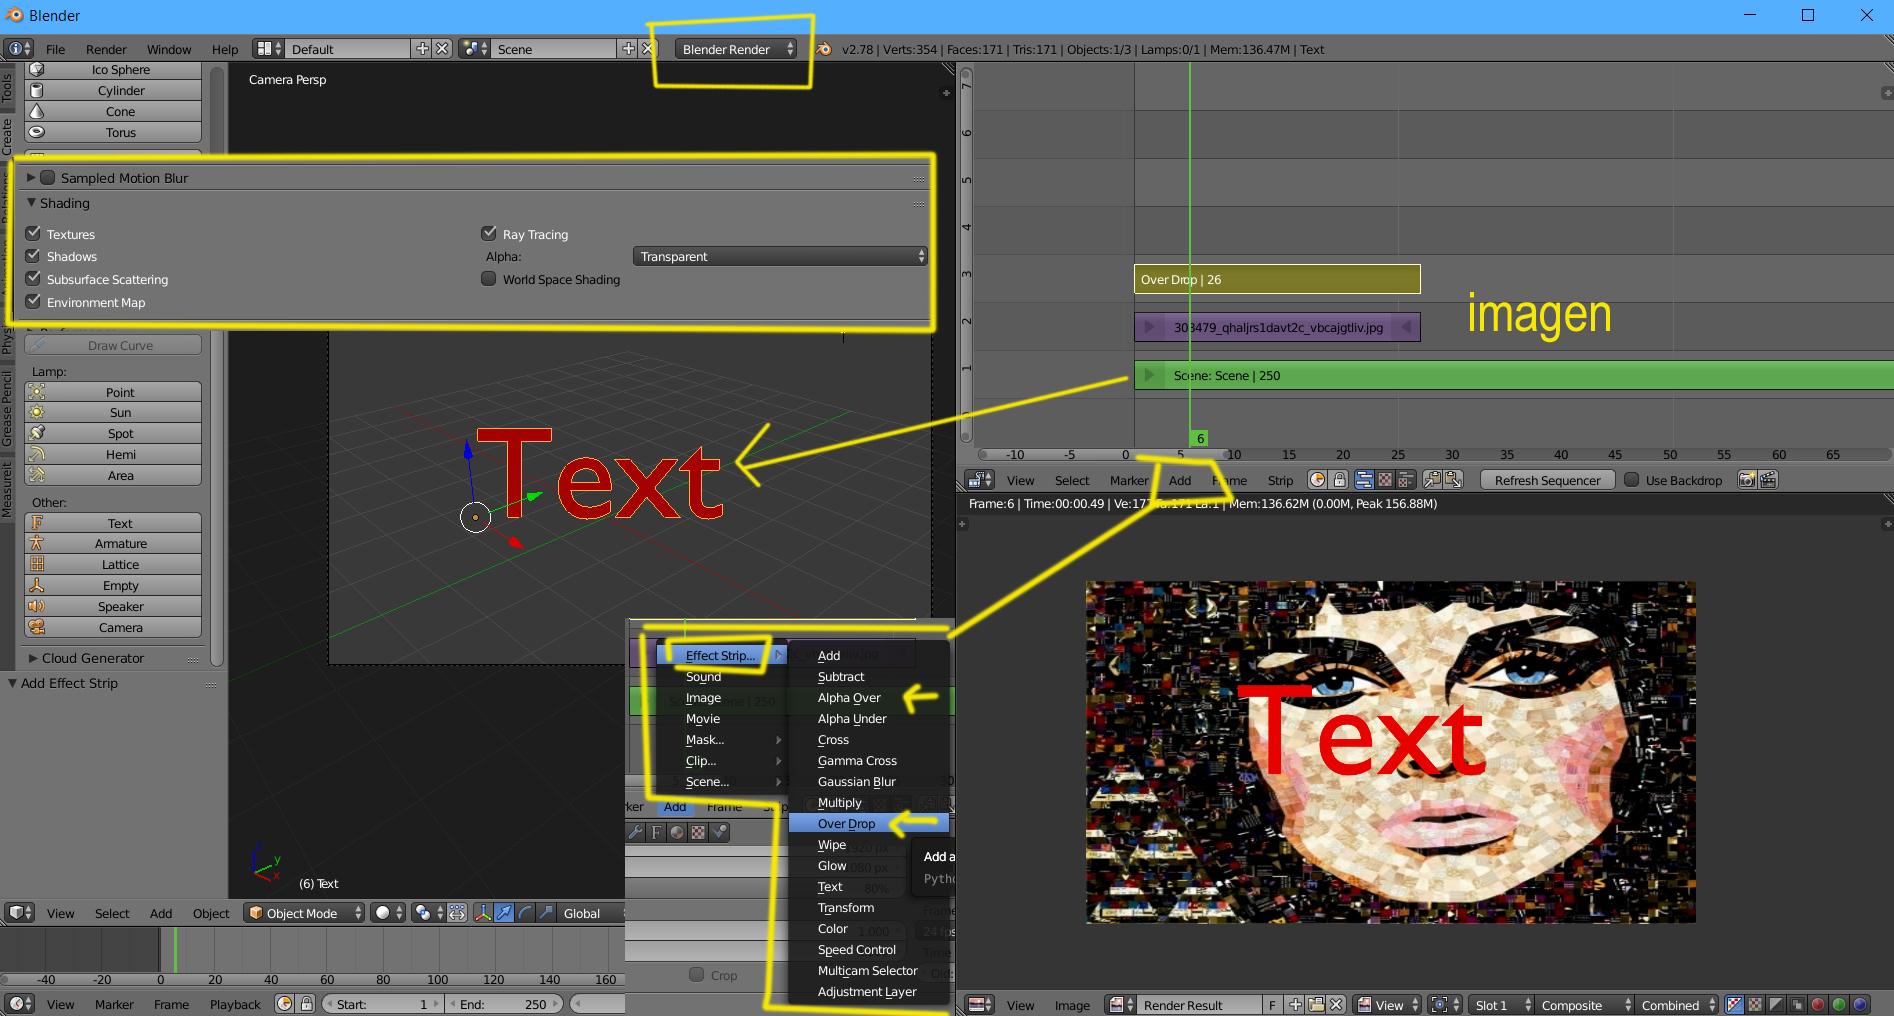 Editar texto sobre imagen-over.jpg